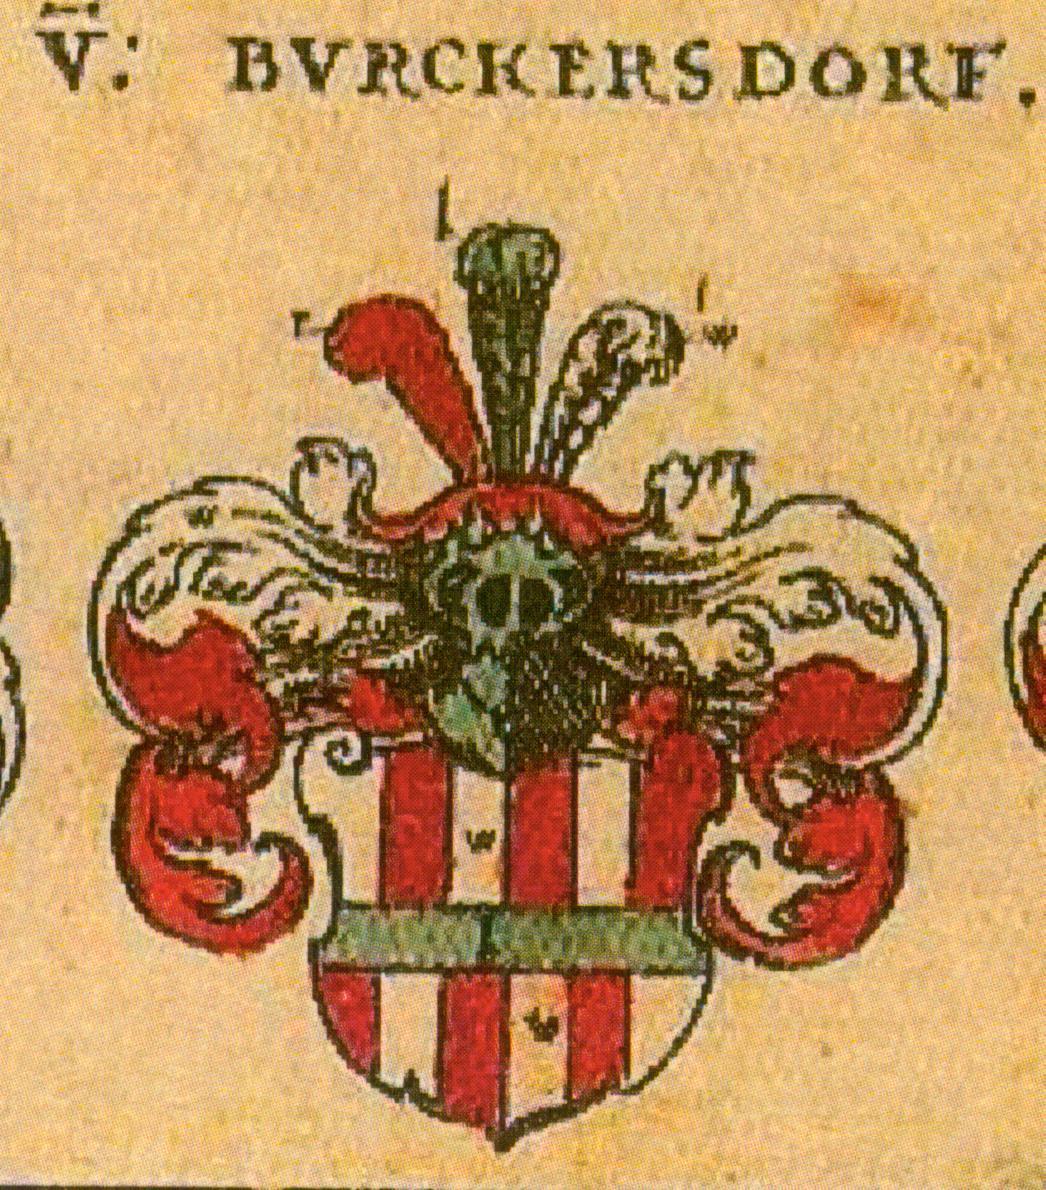 Burckersdorf